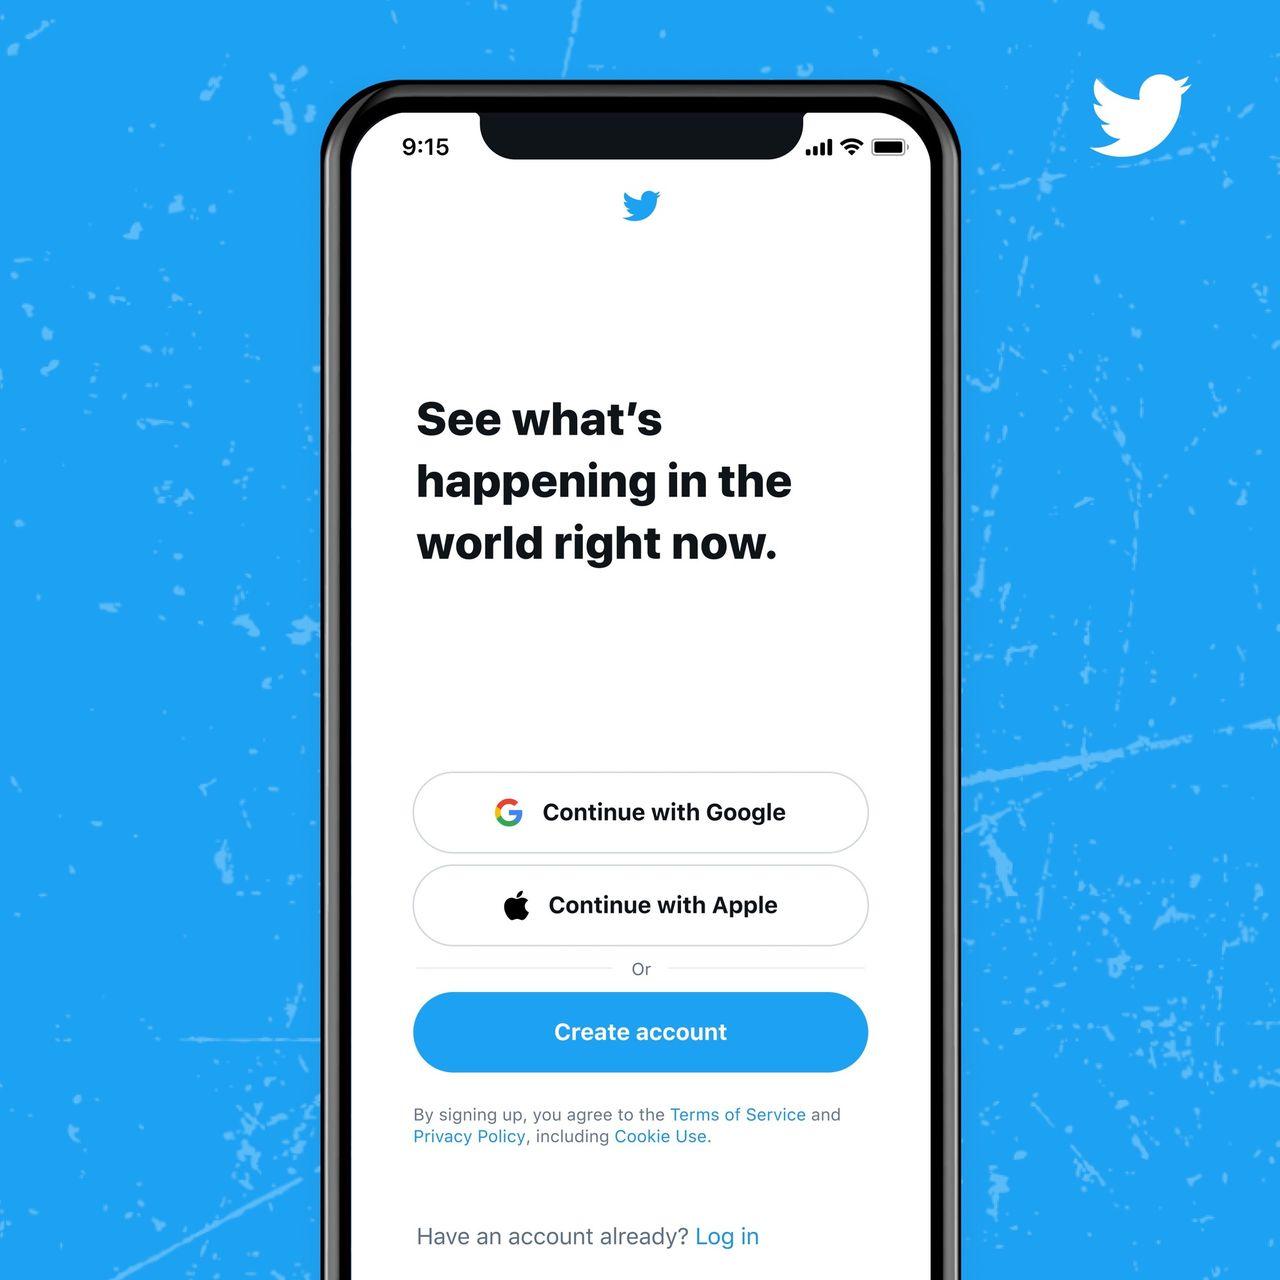 Logga in på Twitter med ditt Google- eller Apple-konto